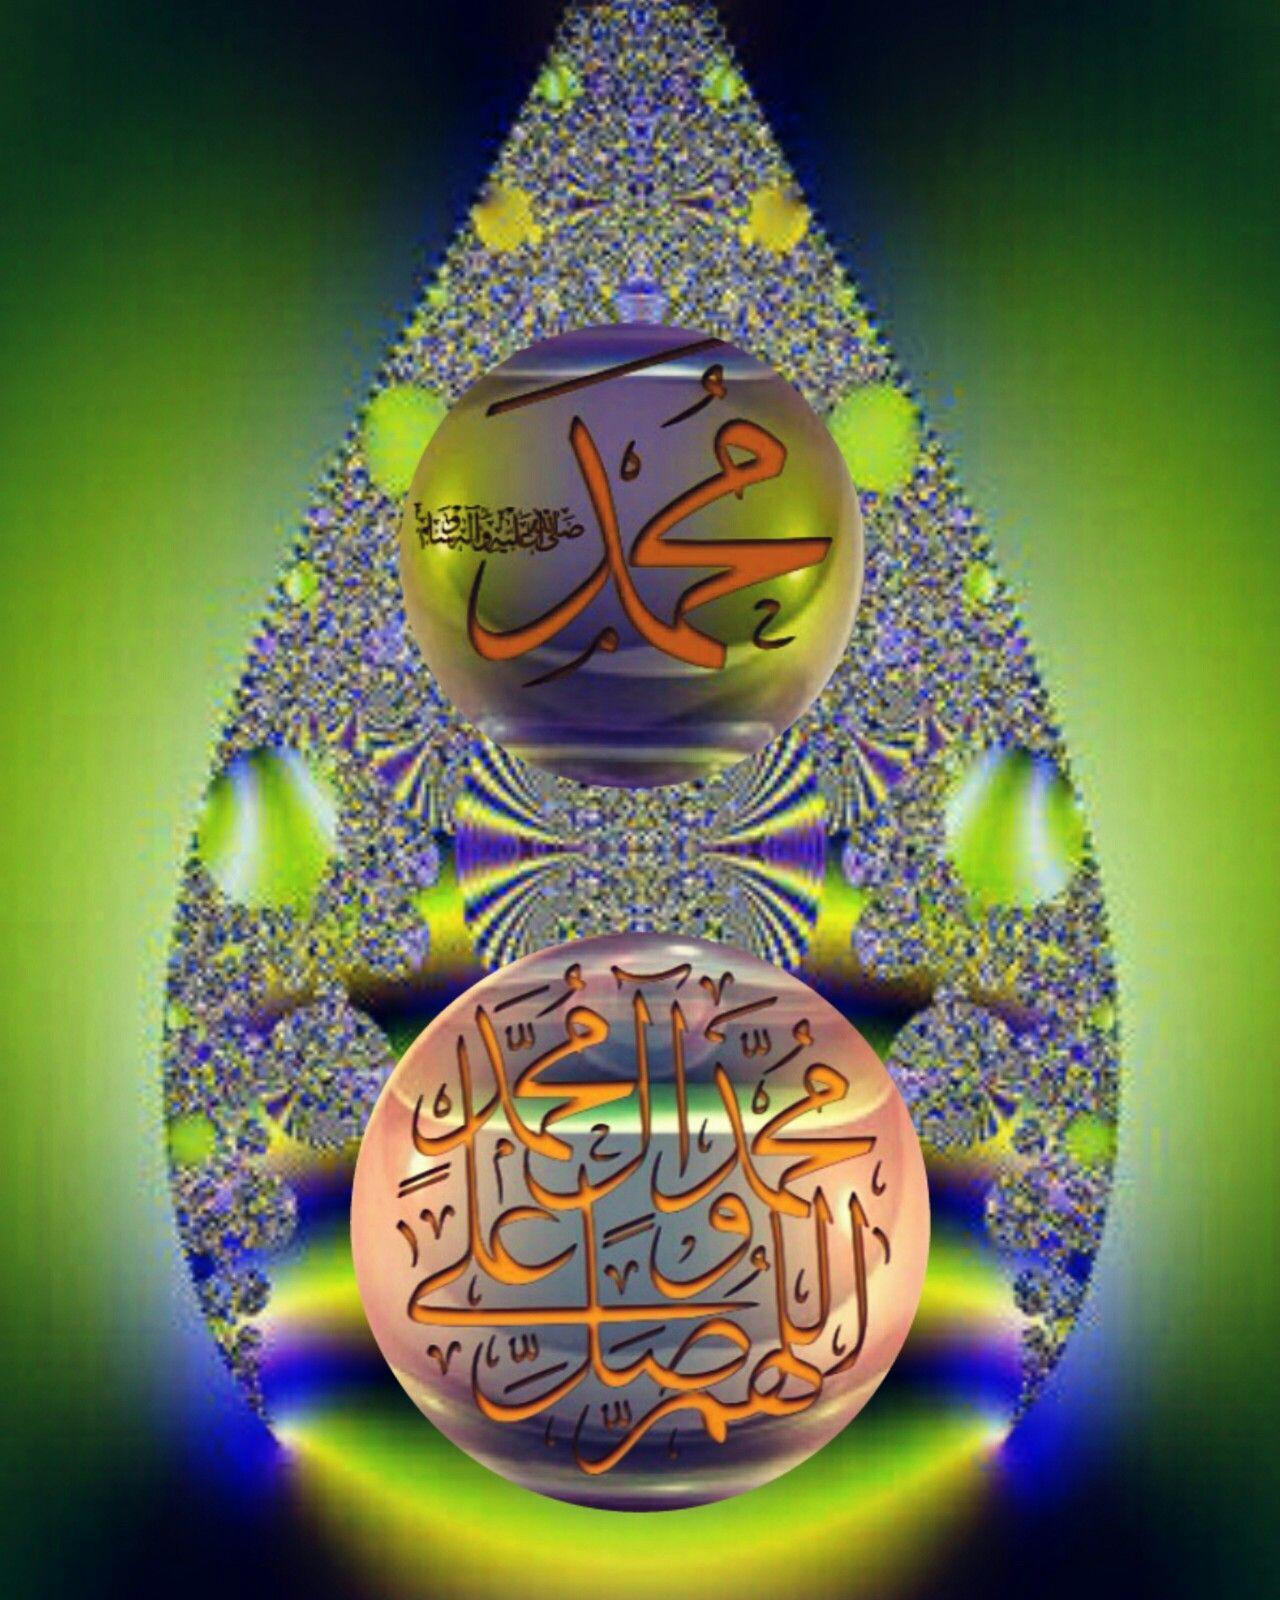 Pin on Beloved Sallallahu alayhi wa aalihi wa sallam